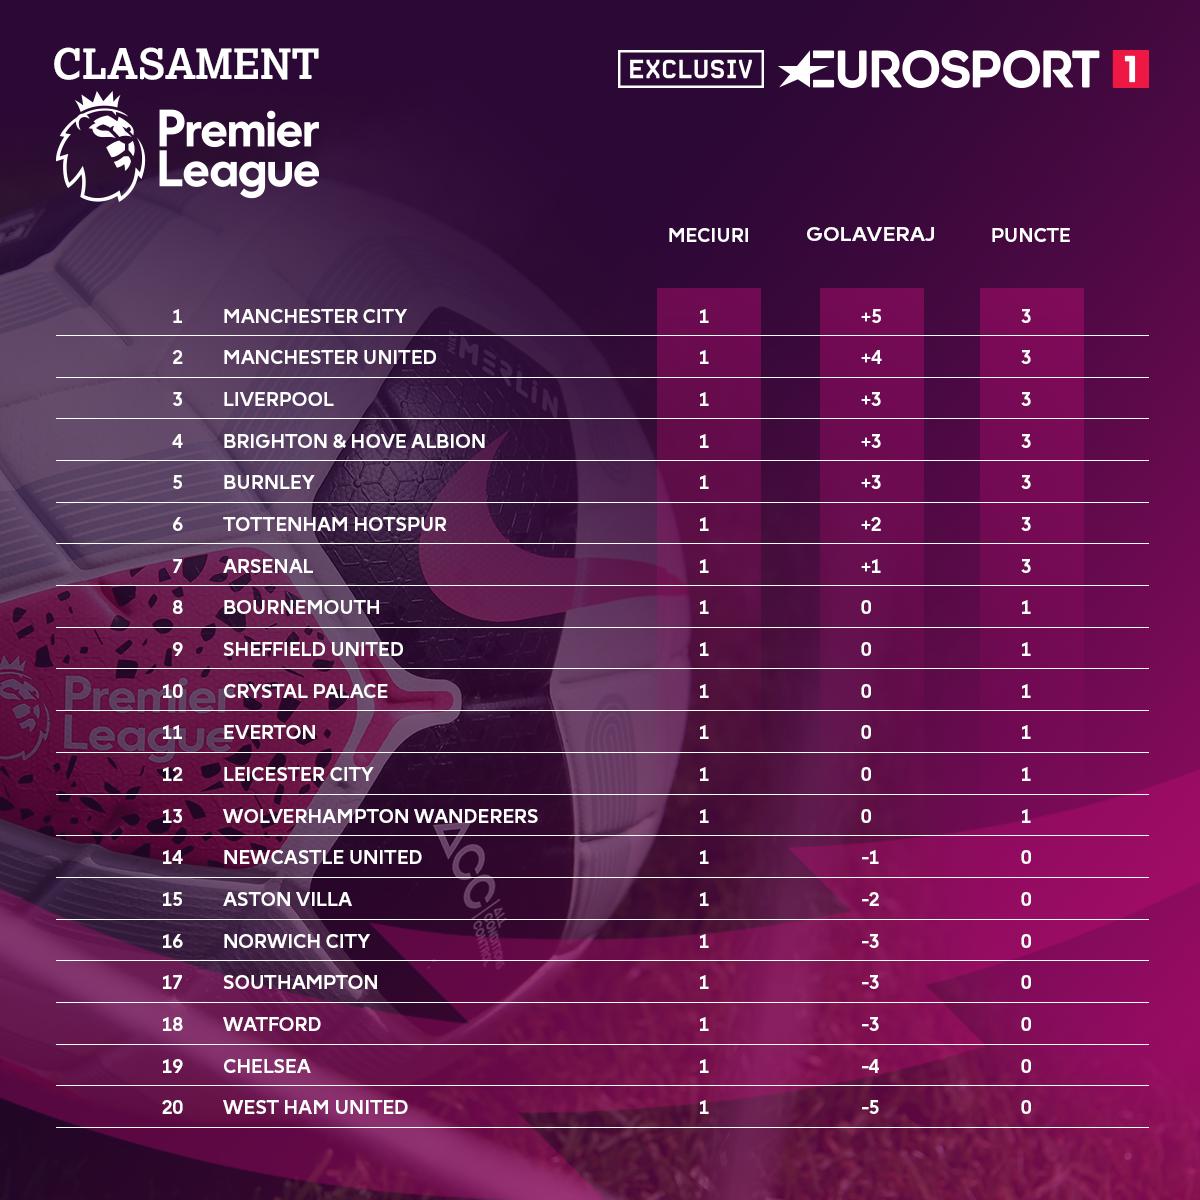 Premier League Standings - Round 1